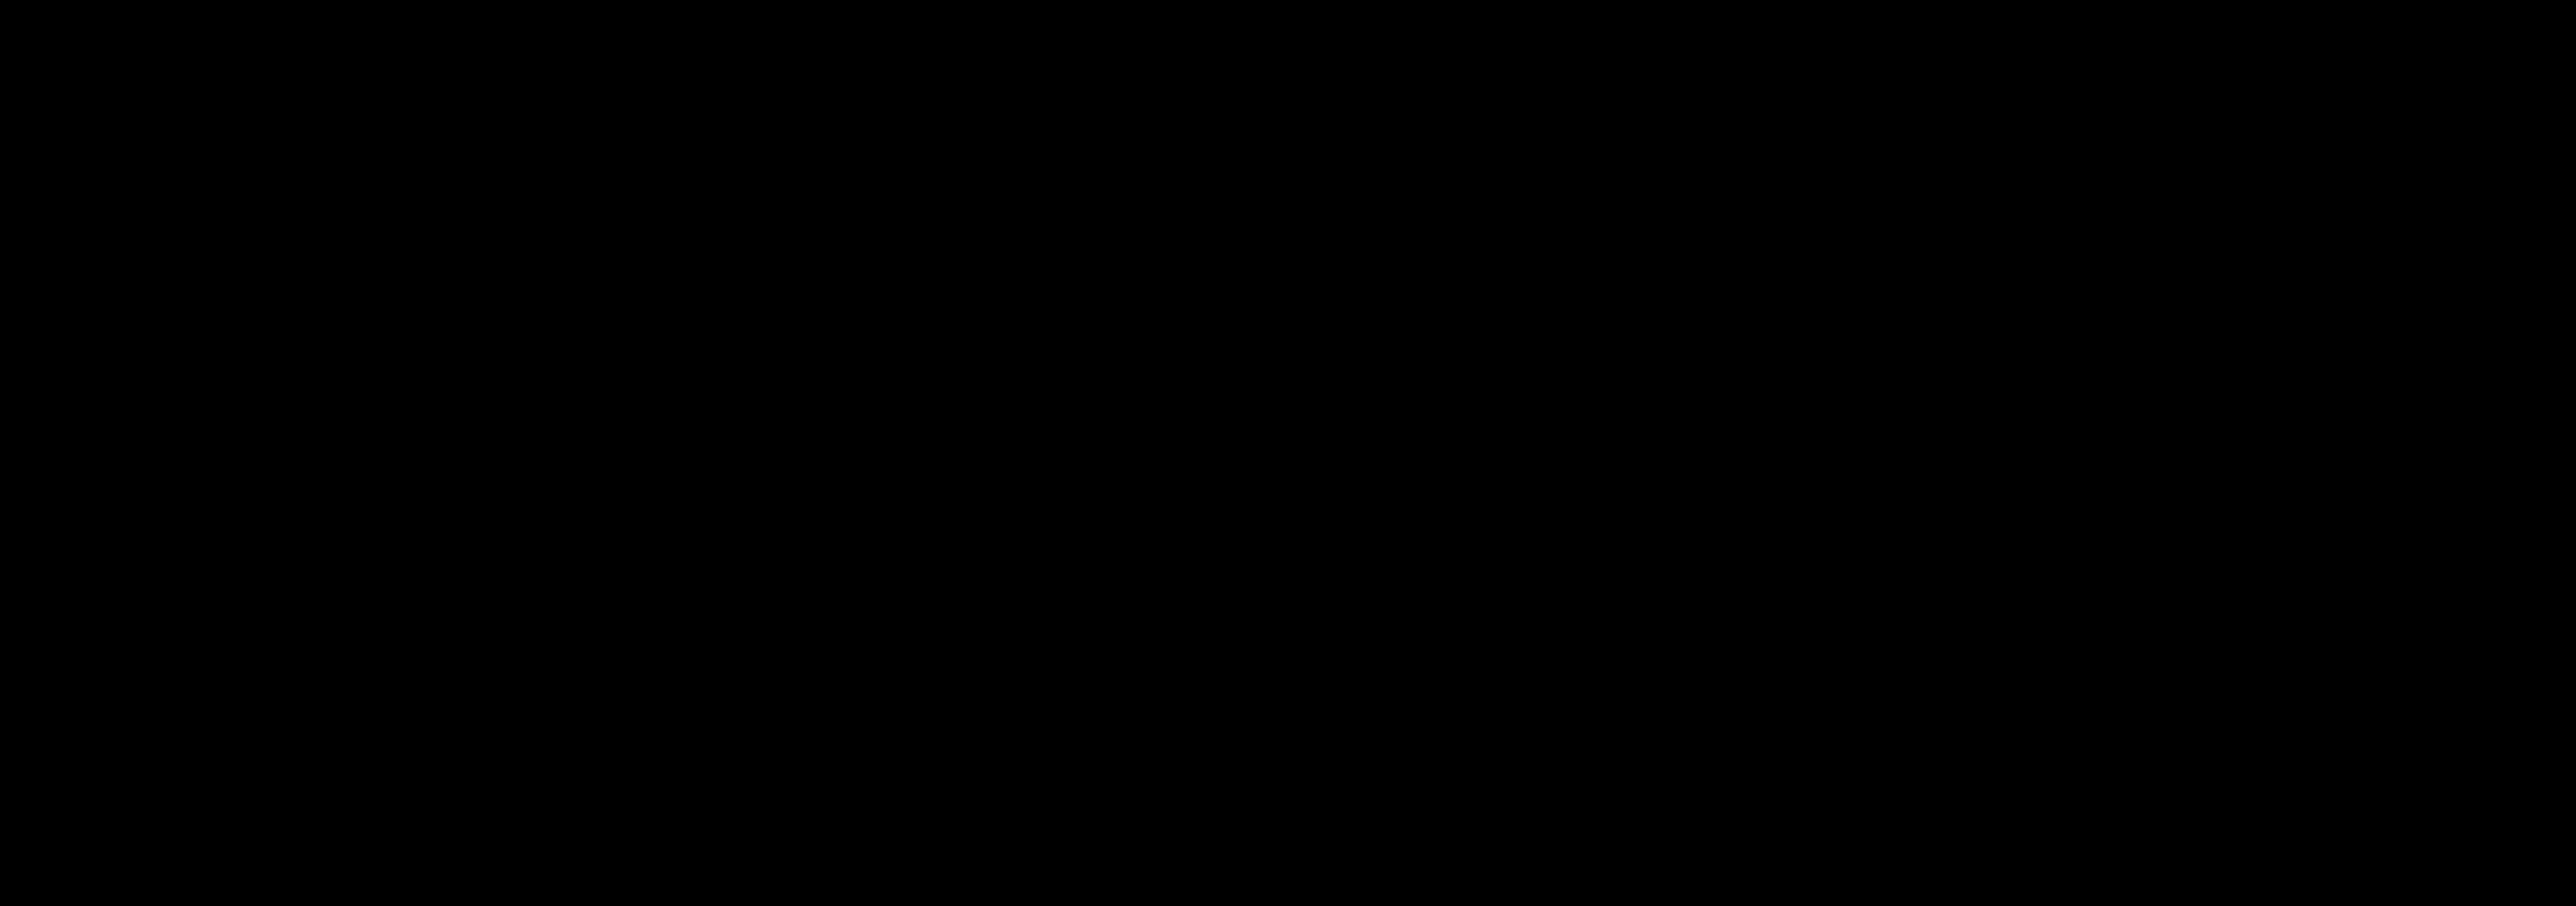 https://www.usarci.it/download/Immagini_sezioni/Copertina_SoloAgenti.jpg